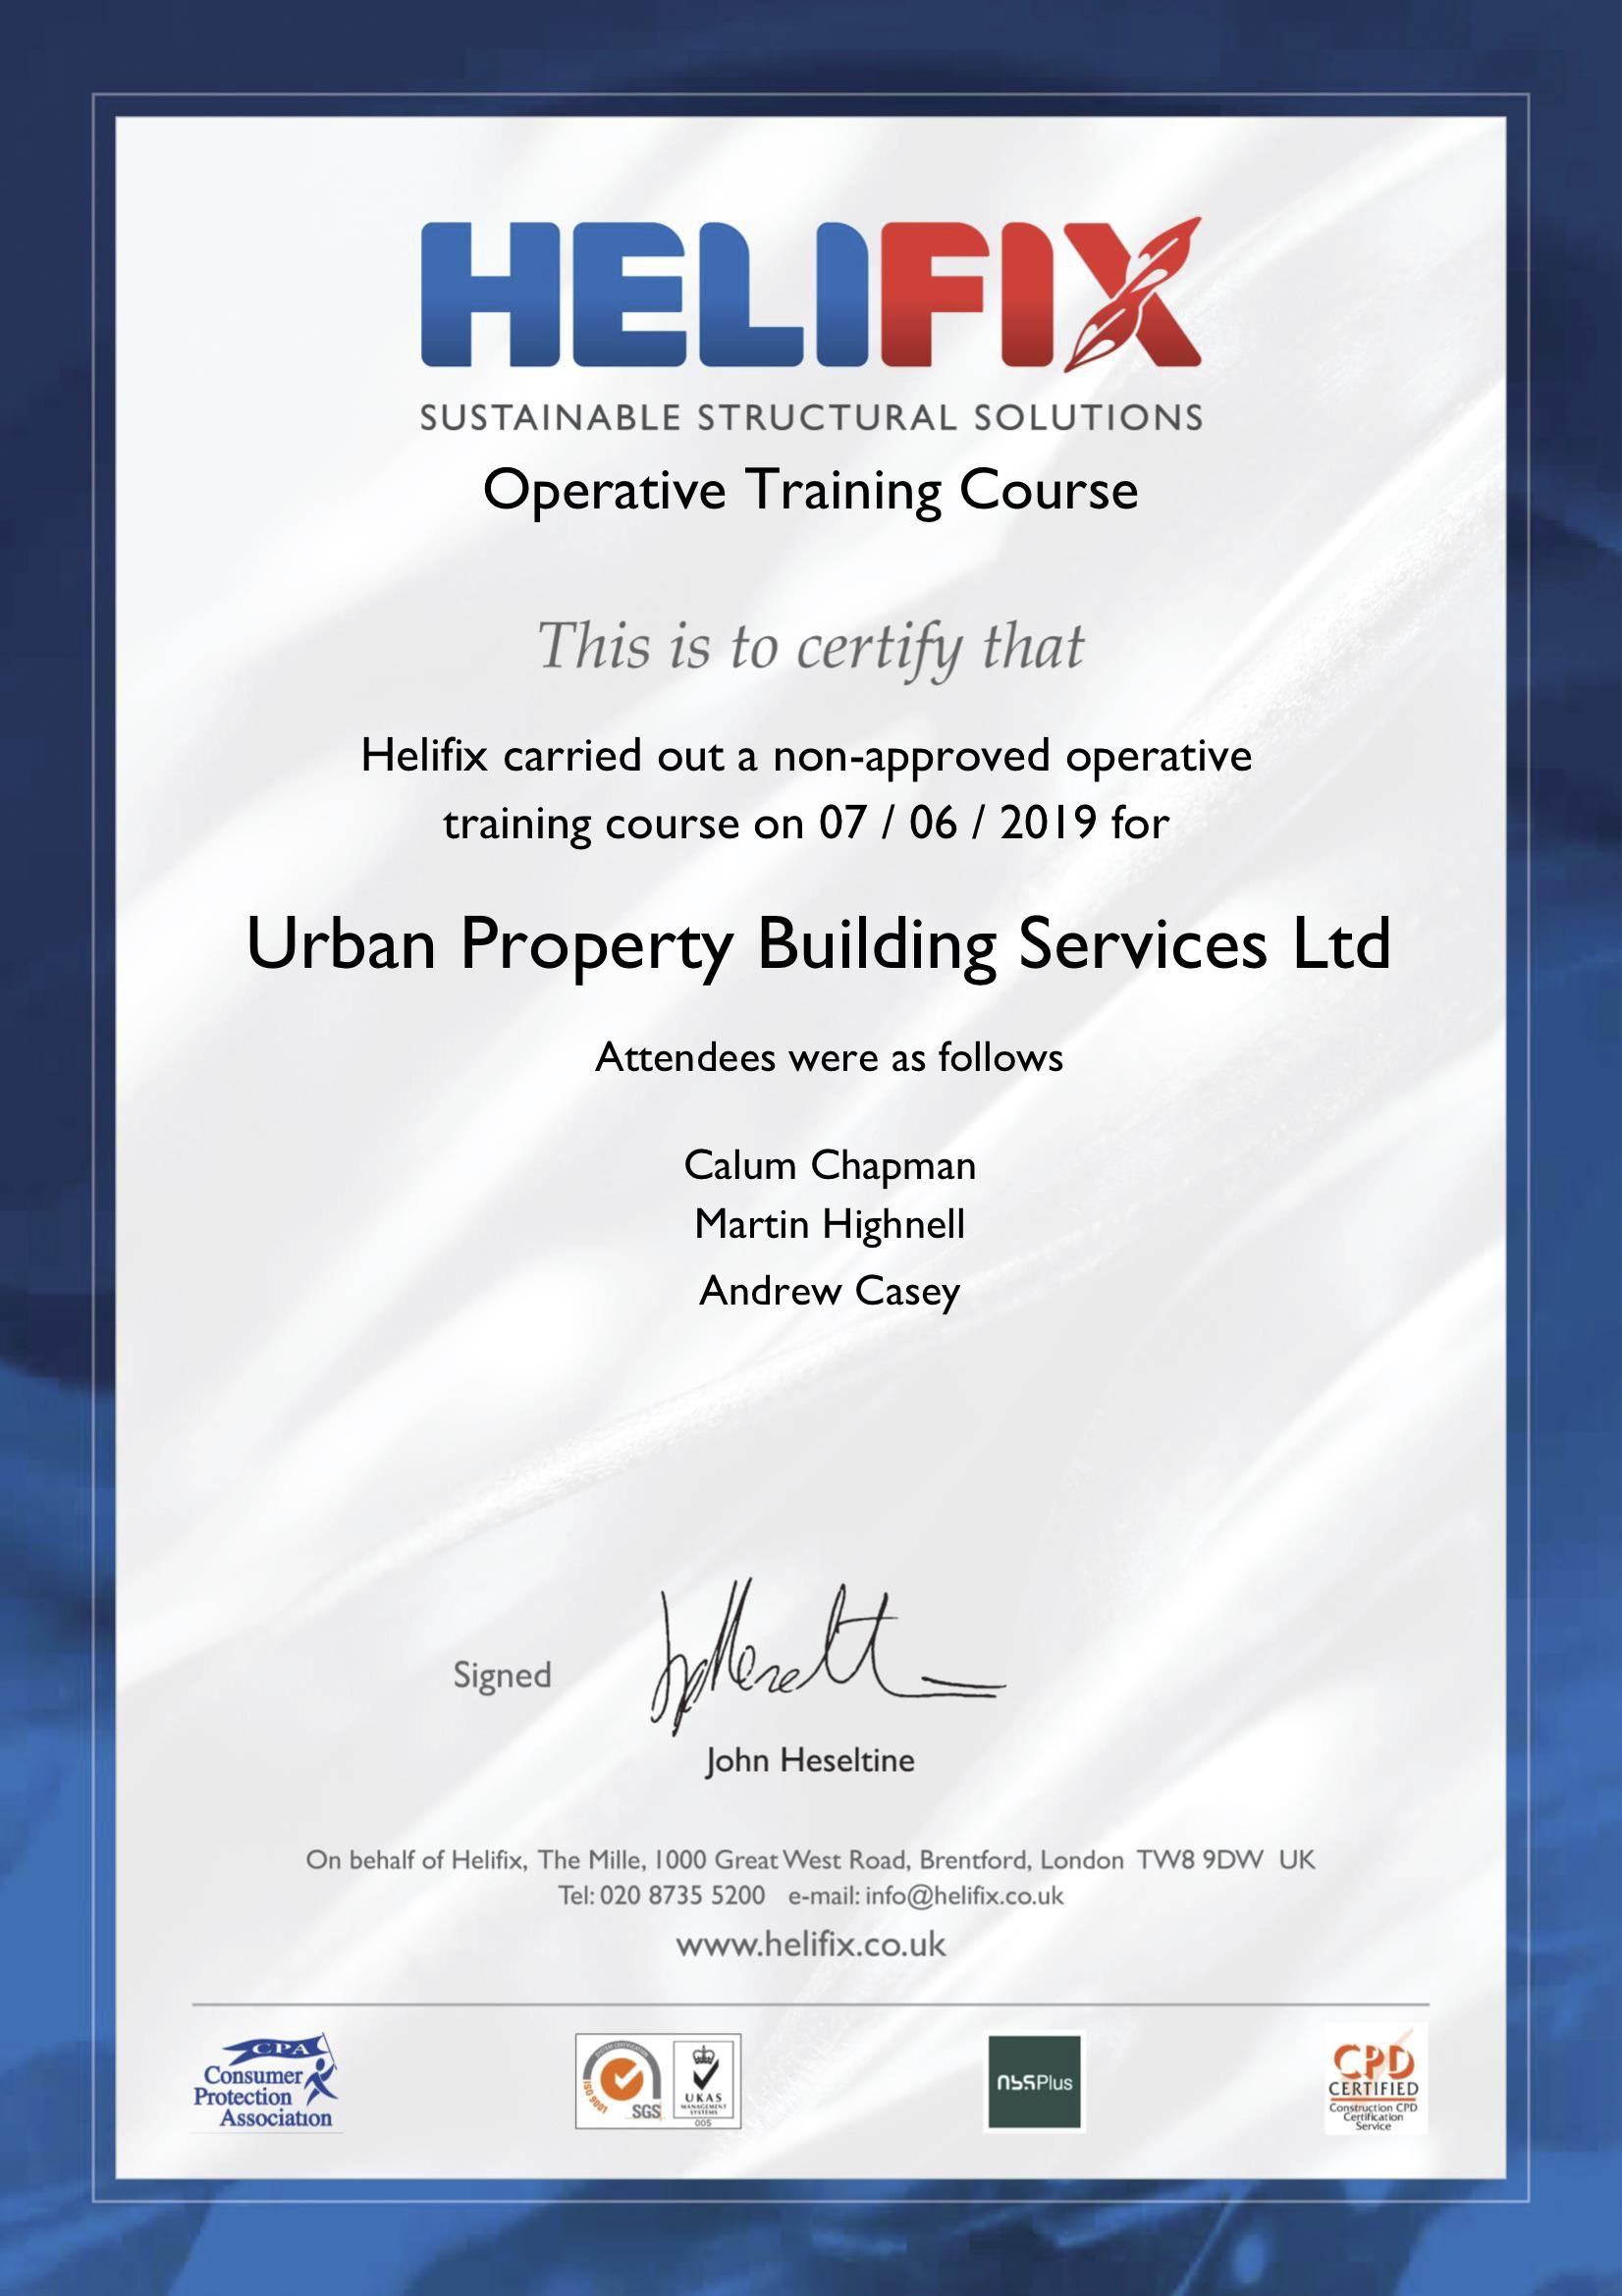 Helifix Operative Training Certificate